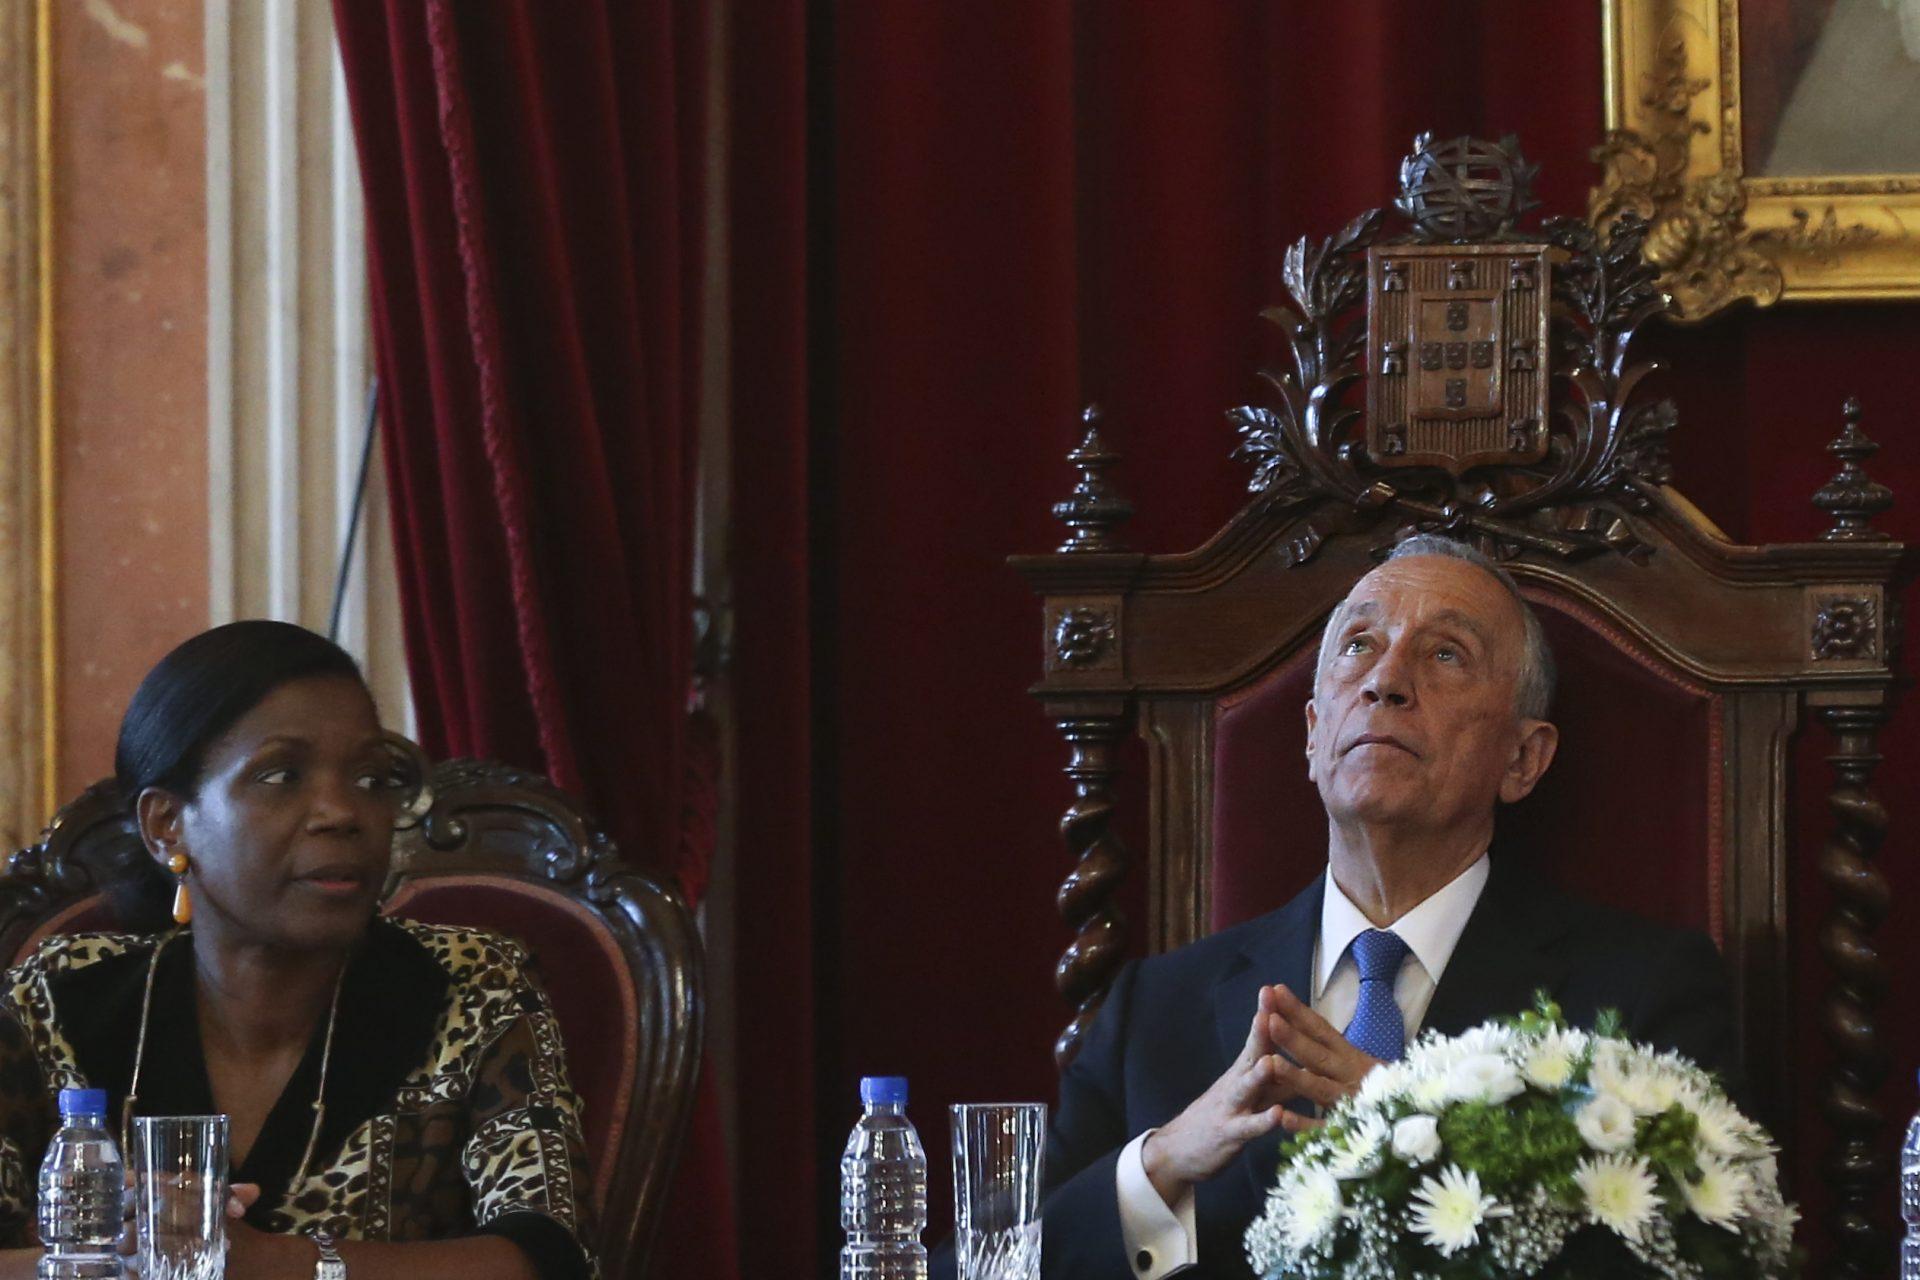 Presidente da República, Marcelo Rebelo de Sousa, ladeado pela ministra da Justiça, Francisca Van Dunen, preside à cerimónia de abertura da Reunião dos Conselhos Superiores de Justiça da CPLP, 19 abril 2016, no Supremo Tribunal de Justiça, em Lisboa.       MANUEL DE ALMEIDA/LUSA